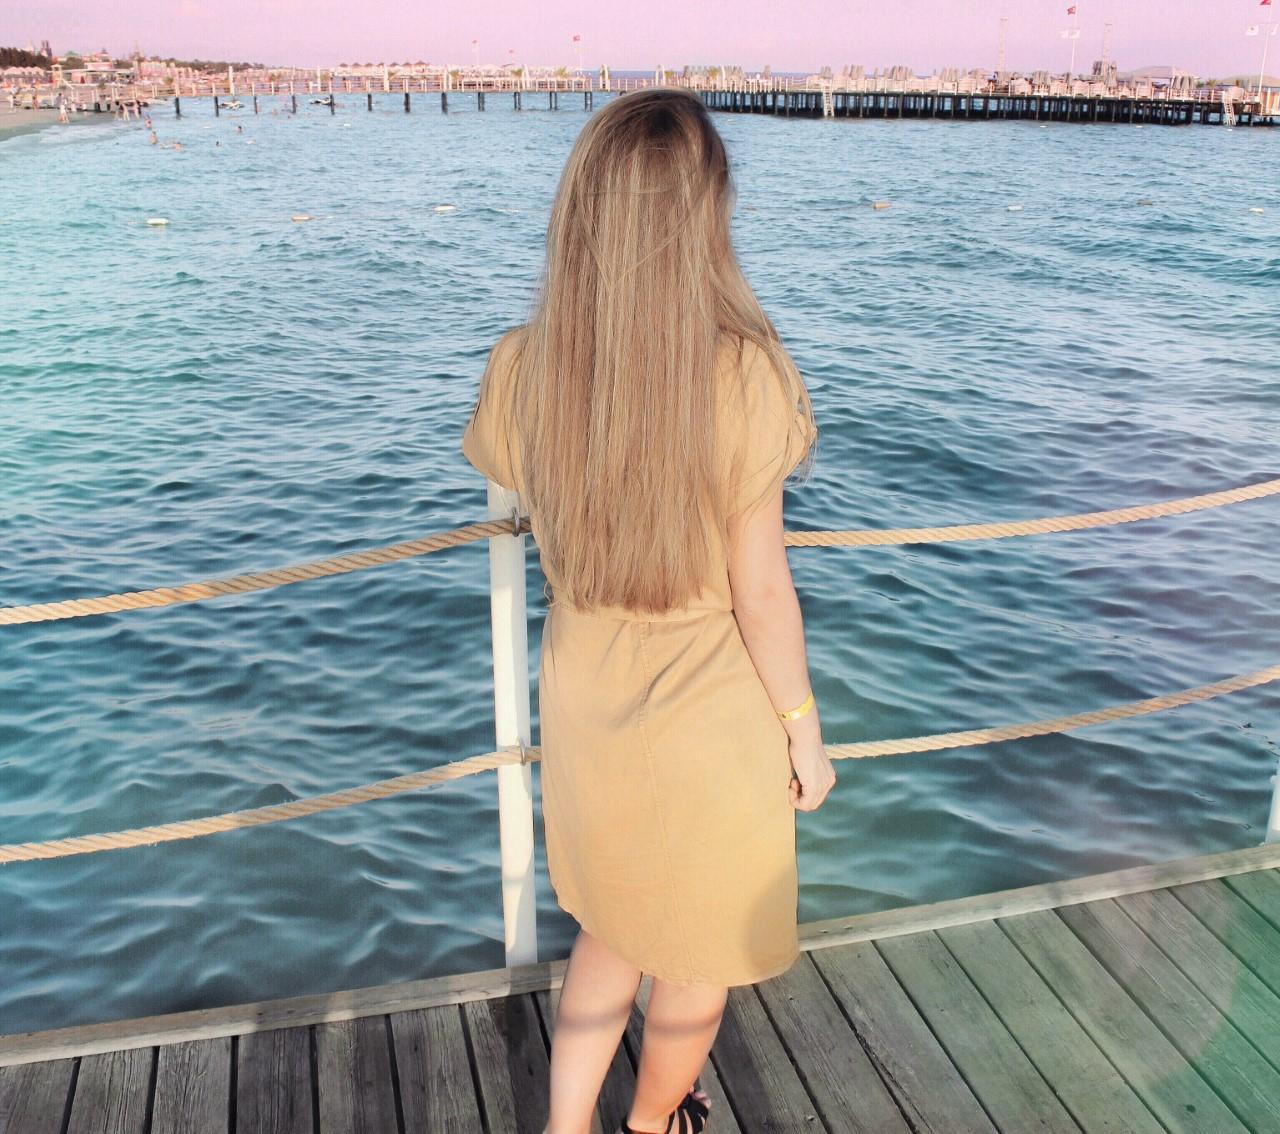 Gesunde Haare Schneller Wachsende Haare Was Muss Man Beachten